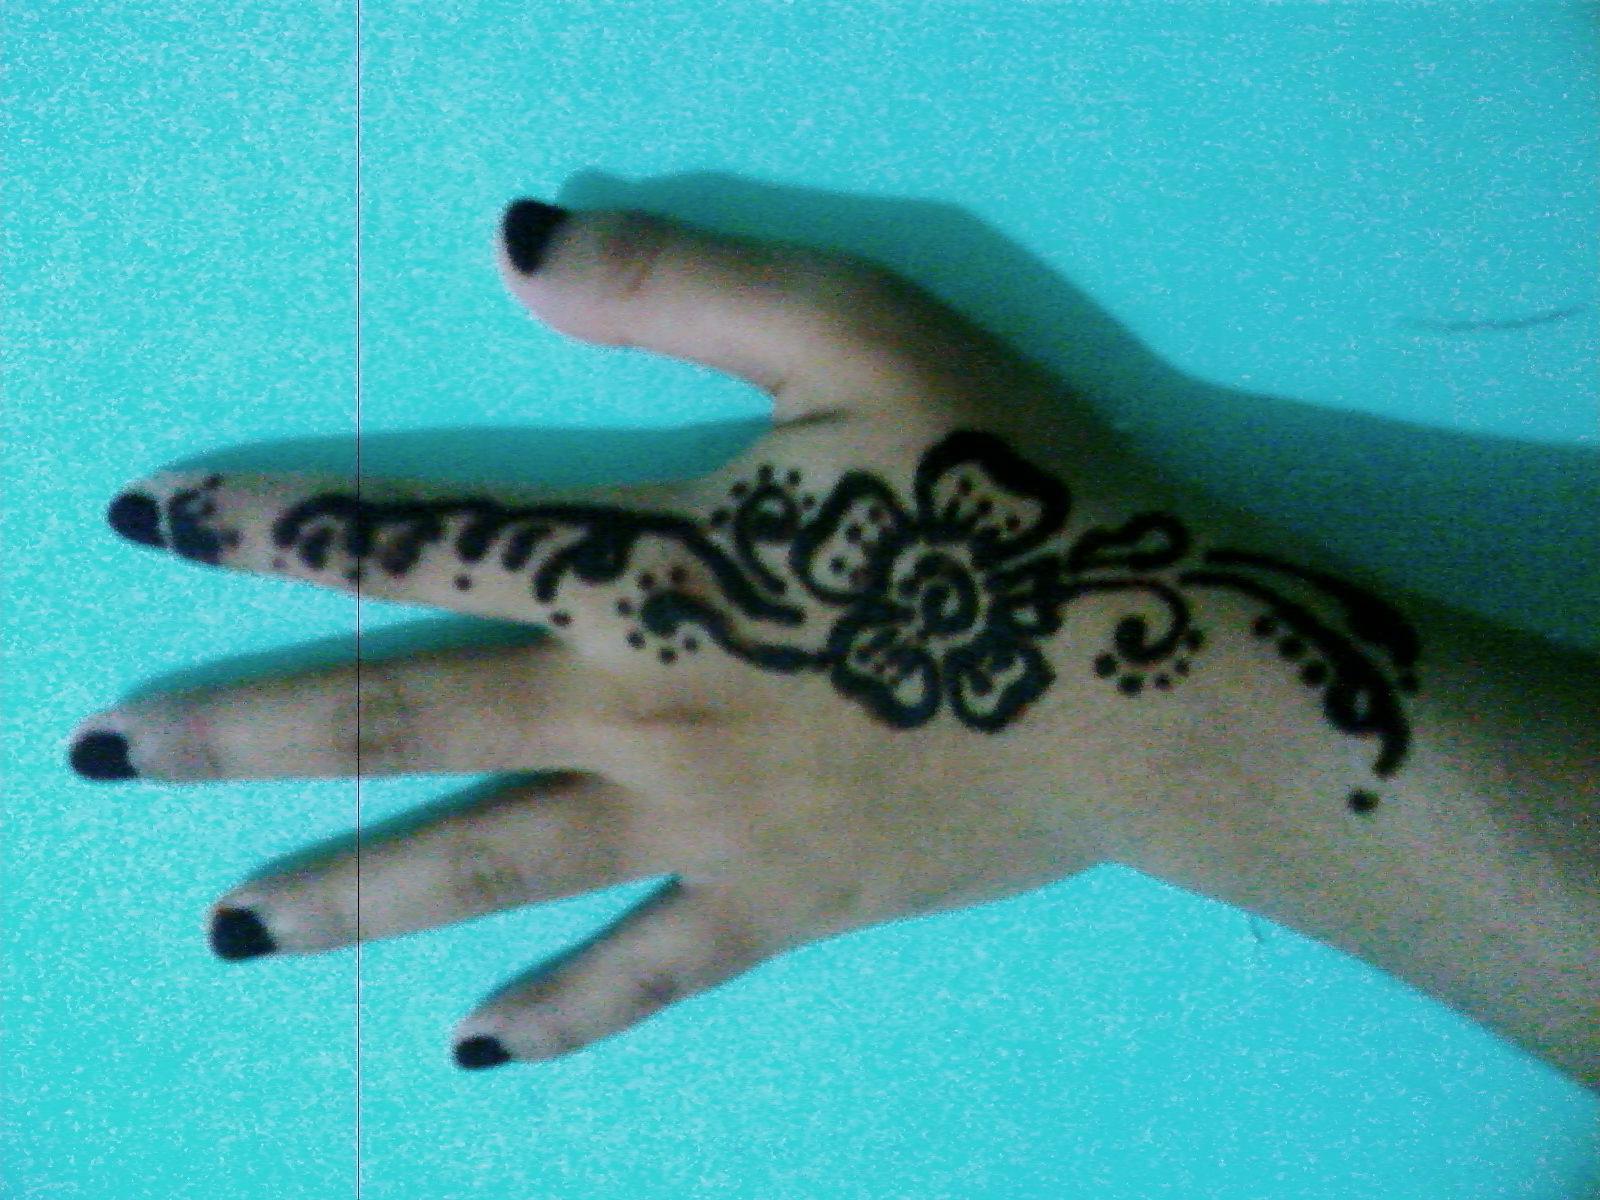 Coba lihat tangan aku... indah bgt kan?? hihi